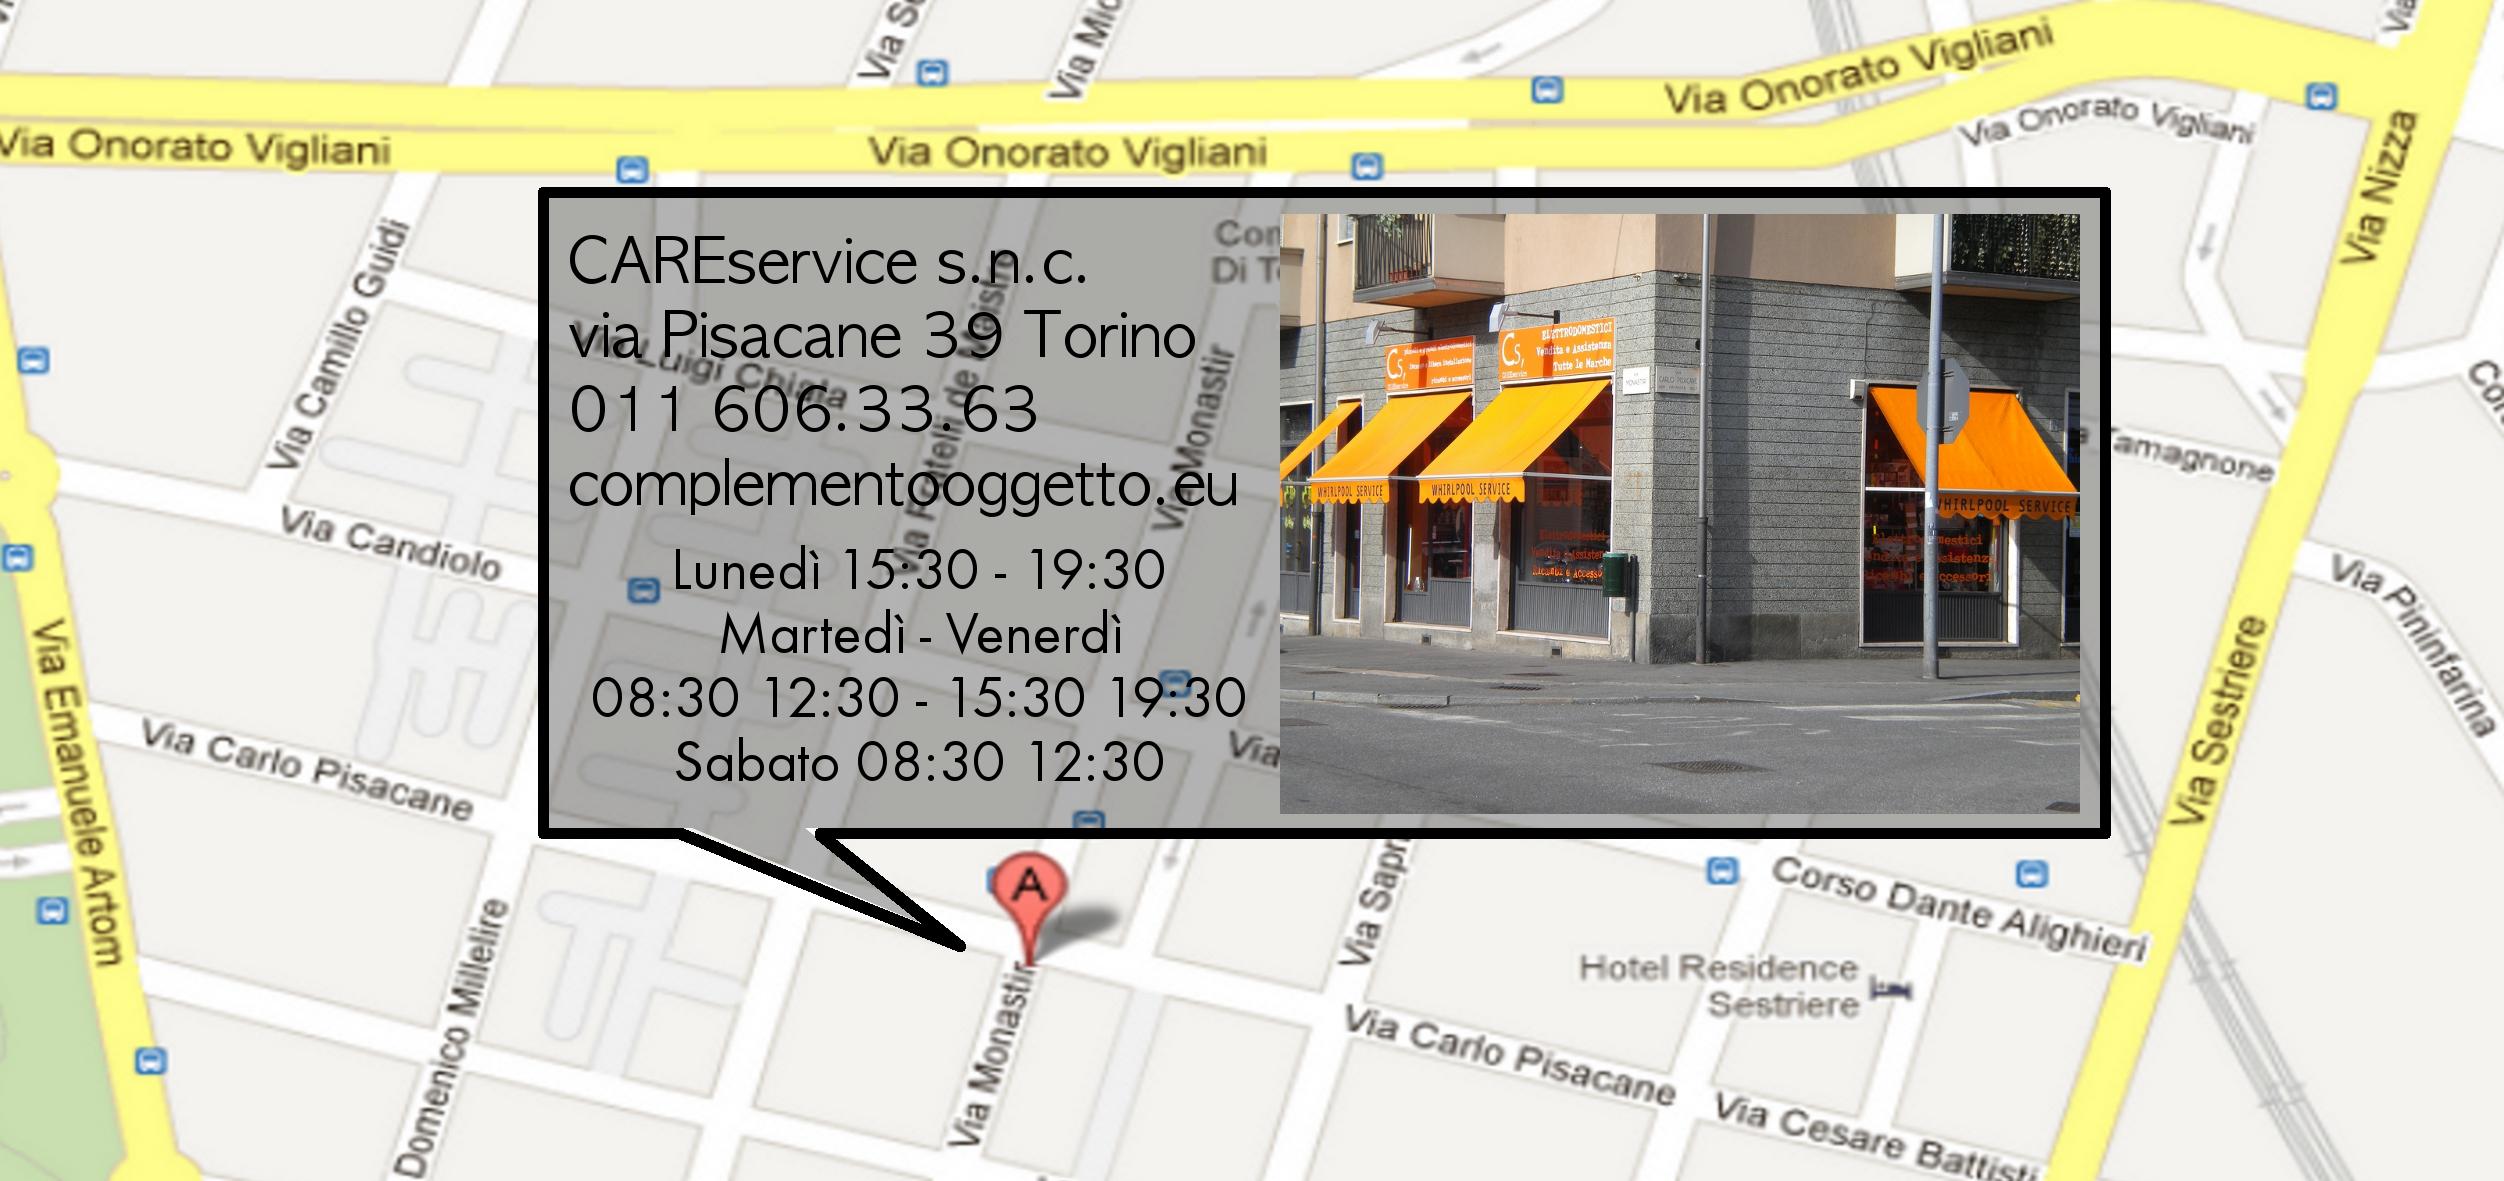 Cs, CAREservice locandina-retro Centro Assistenza Bosch Torino Accessori Ricambi  Bosch